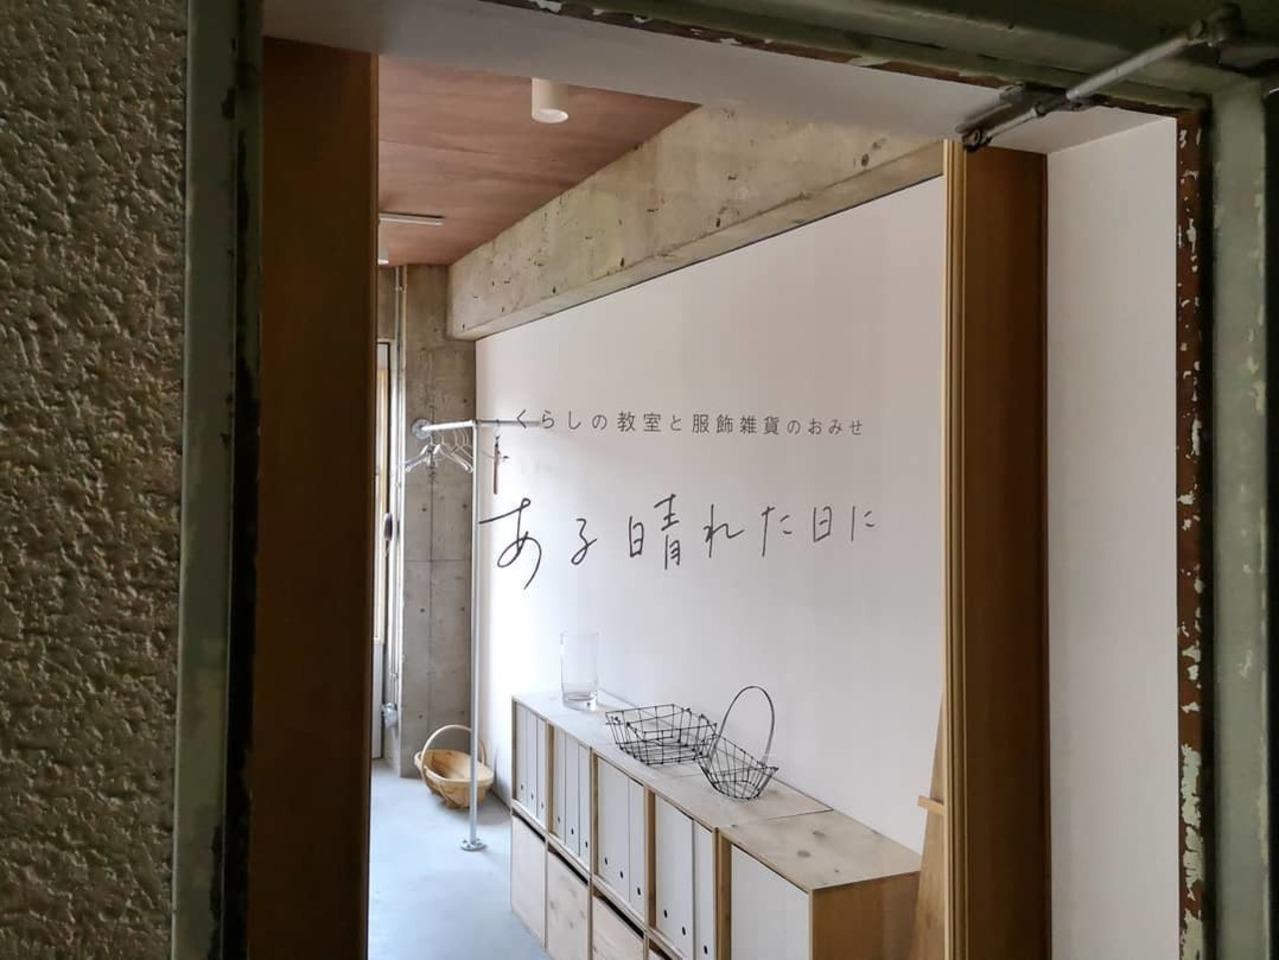 【 ある晴れた日に 】くらしの教室と服飾雑貨(佐賀県佐賀市)2/16グランドオープン